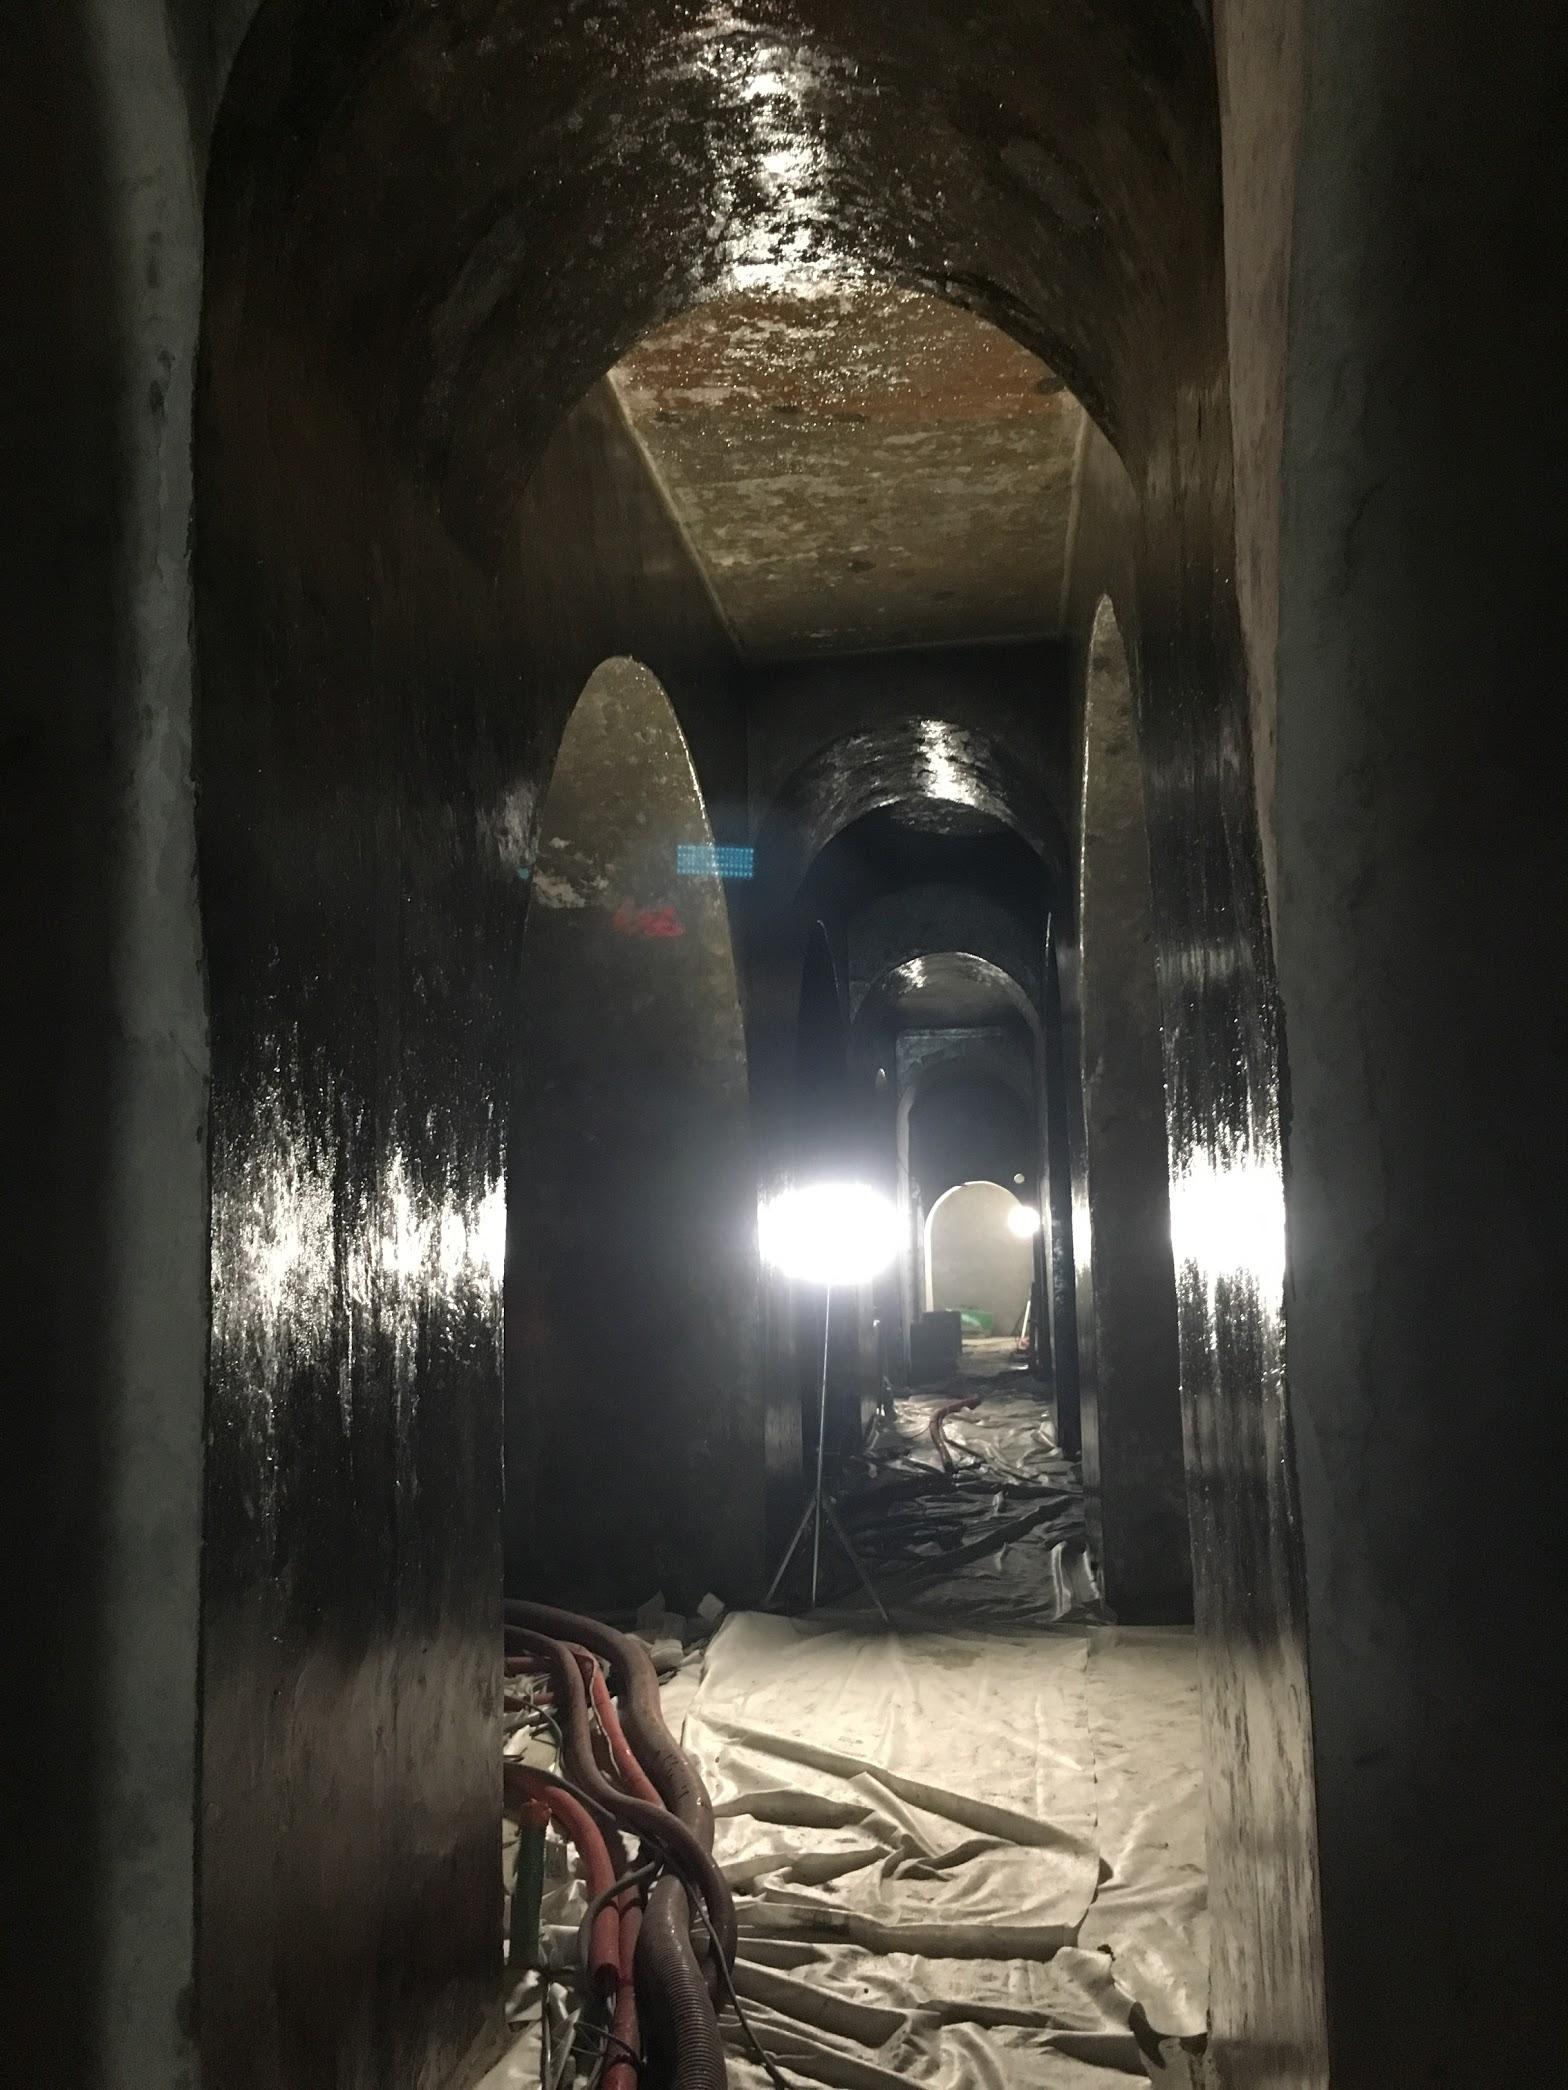 Ядерный бункер в Париже переоборудуют в дата-центр компании online.net - 7